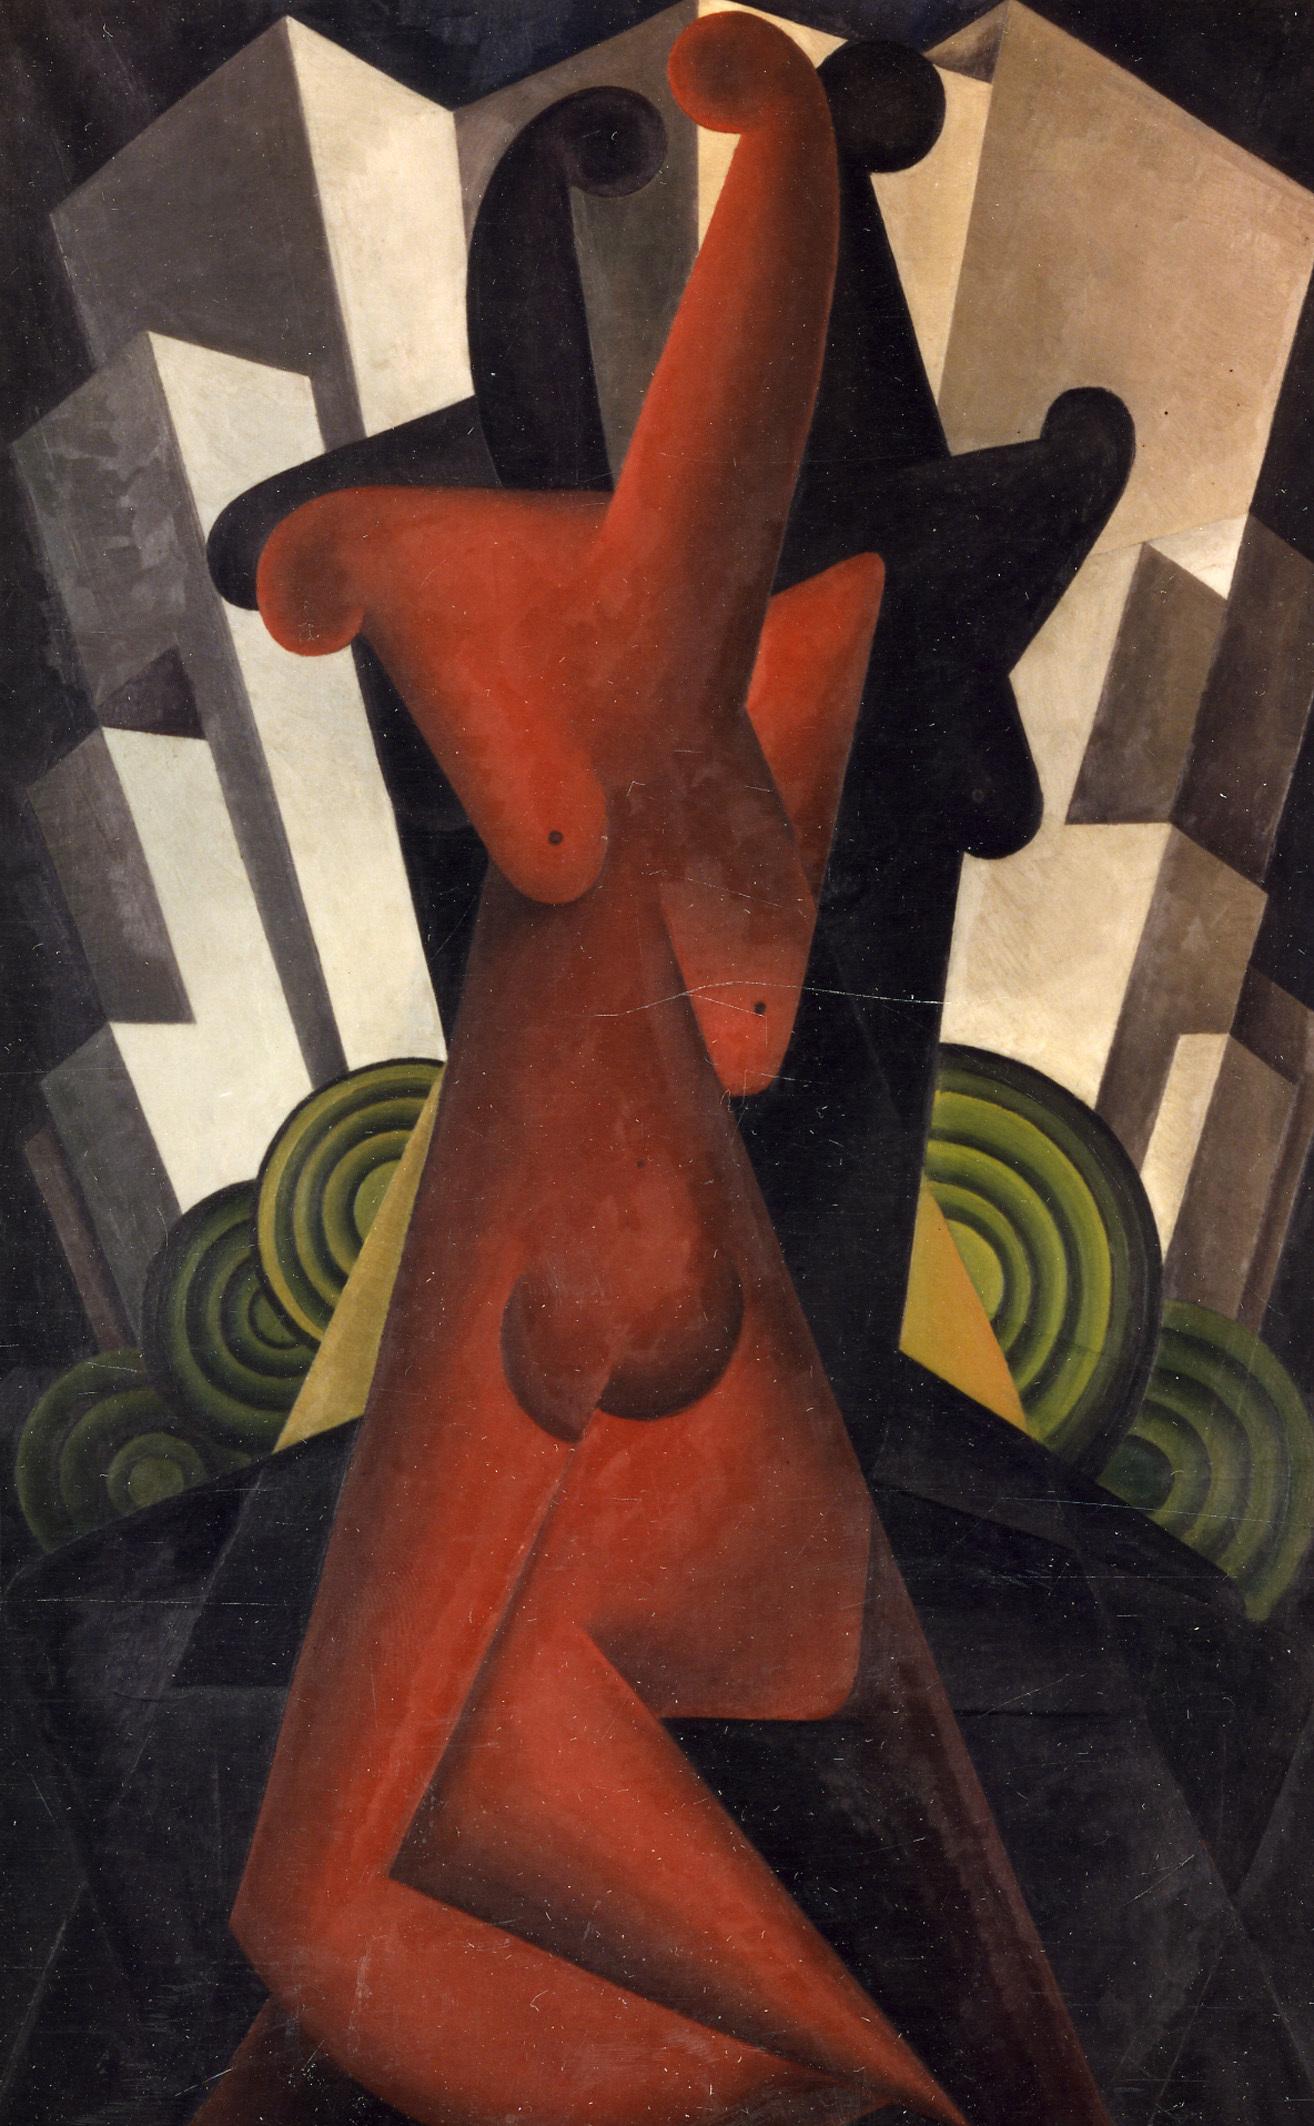 P.-L. Flouquet, Féminité, Serie 2 number 9, oil on canvas, 1922. / © KIK-IRPA, Brussels (Belgium), cliché KM3122.